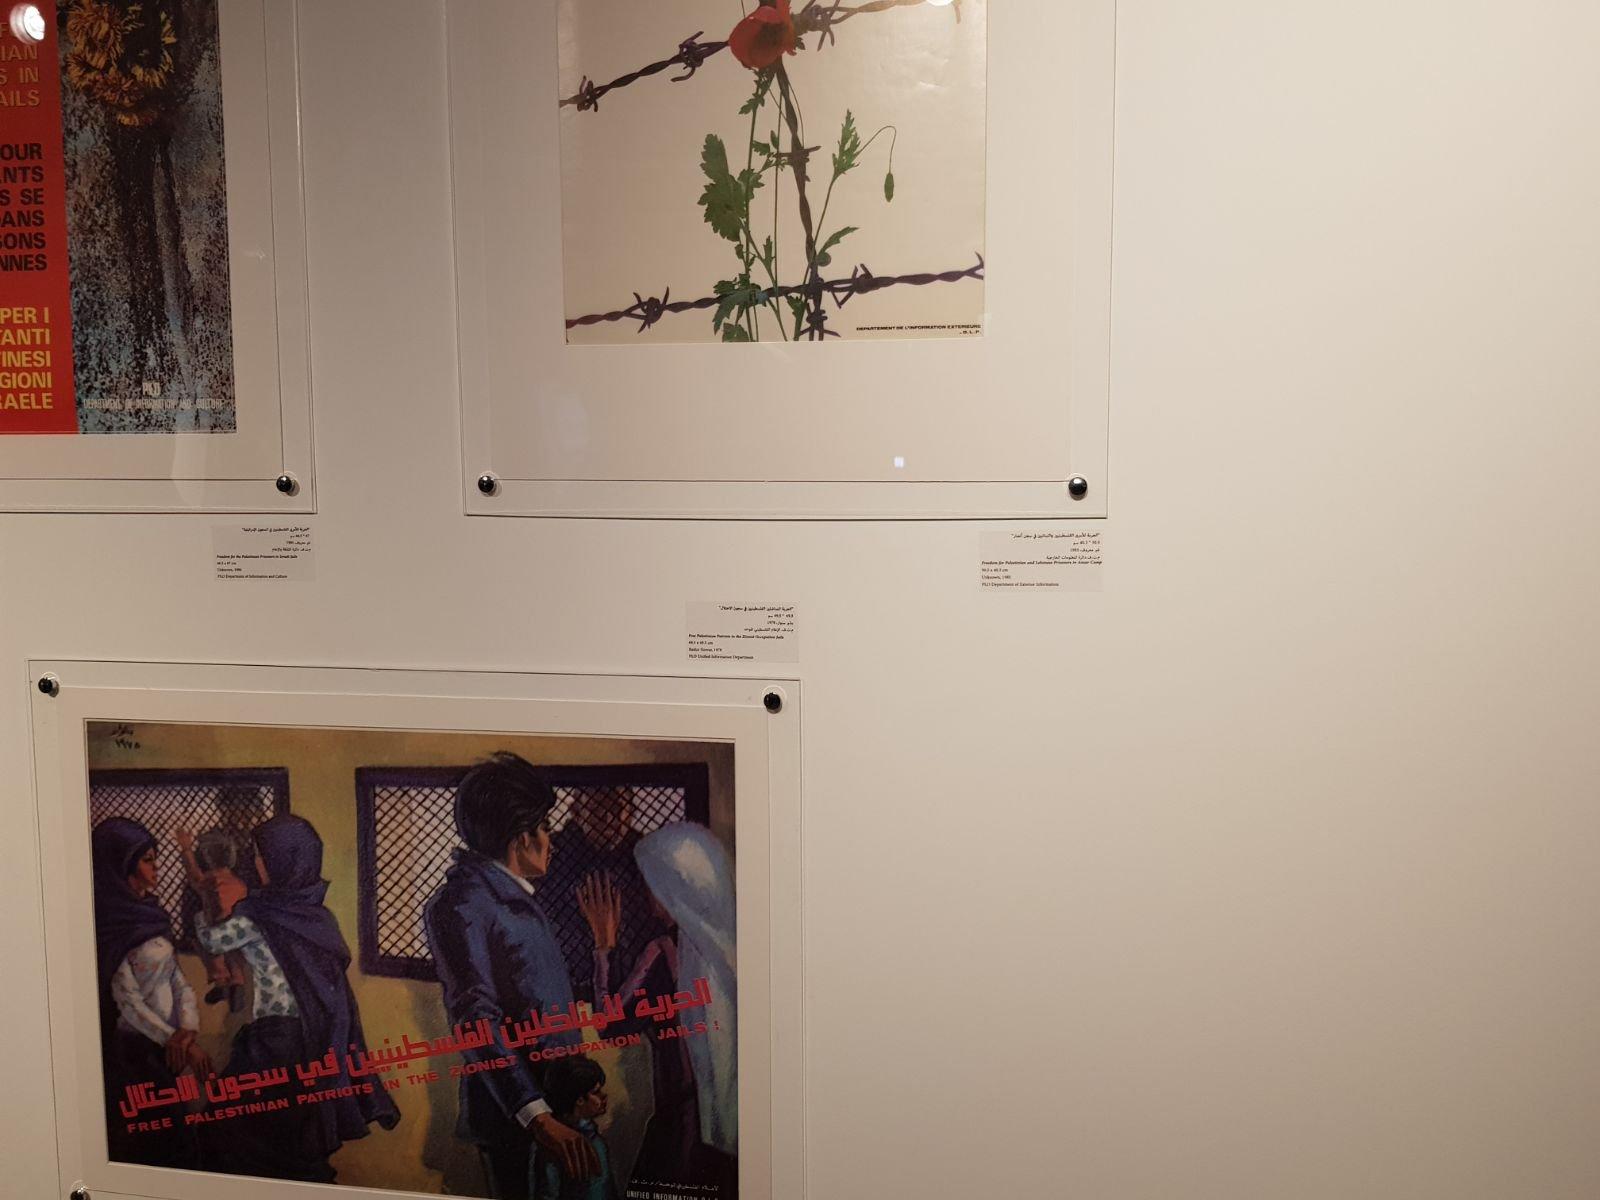 معرض يصور الأفكار والمفاهيم المتعلقة بالثورة الفلسطينية في عقدي السبعينات والثمانيات-1